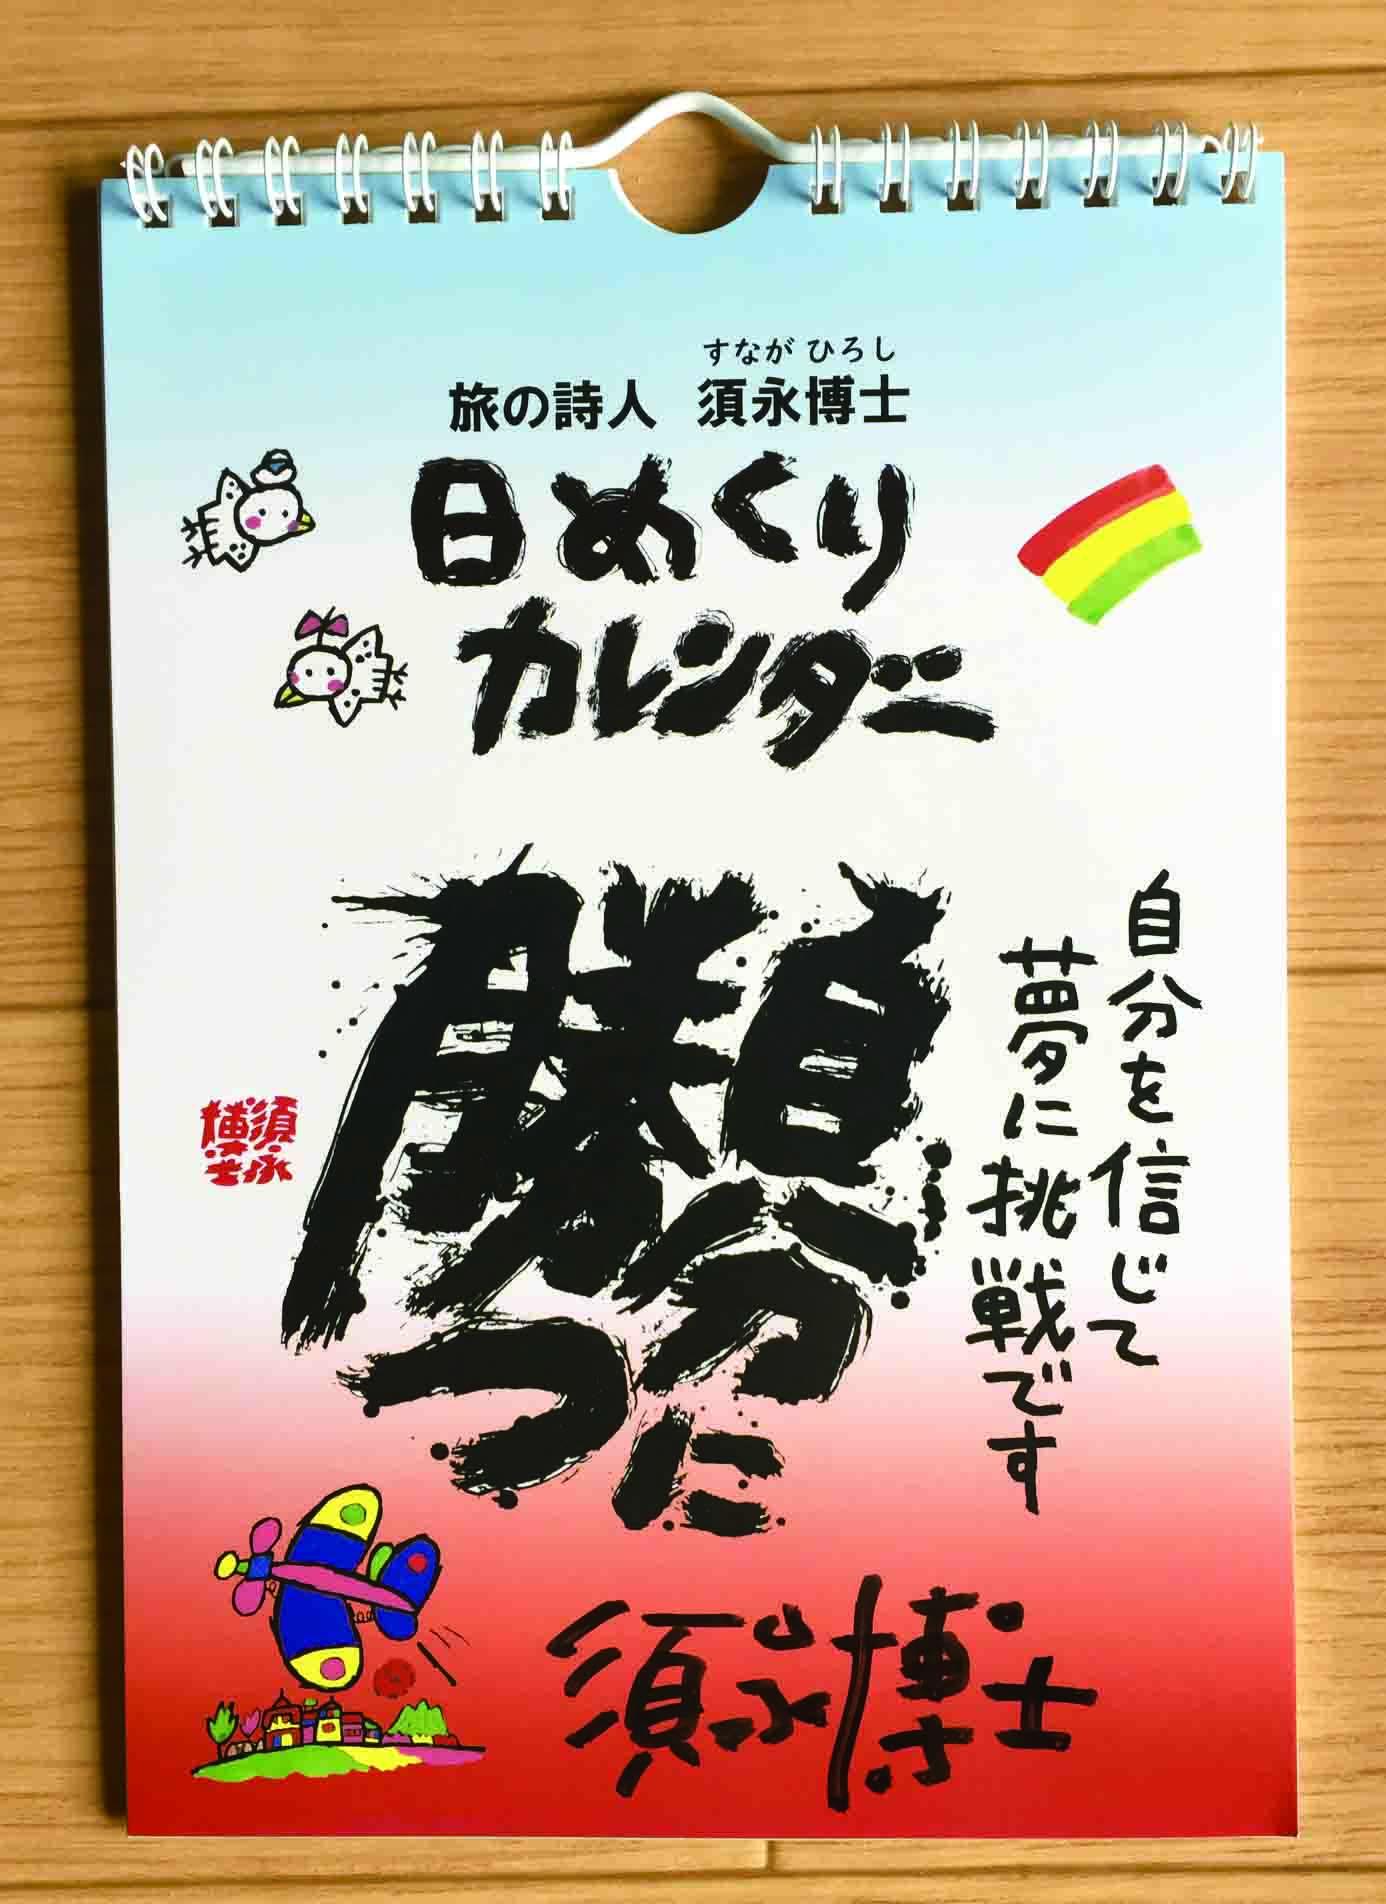 須永博士直筆サイン入りです。